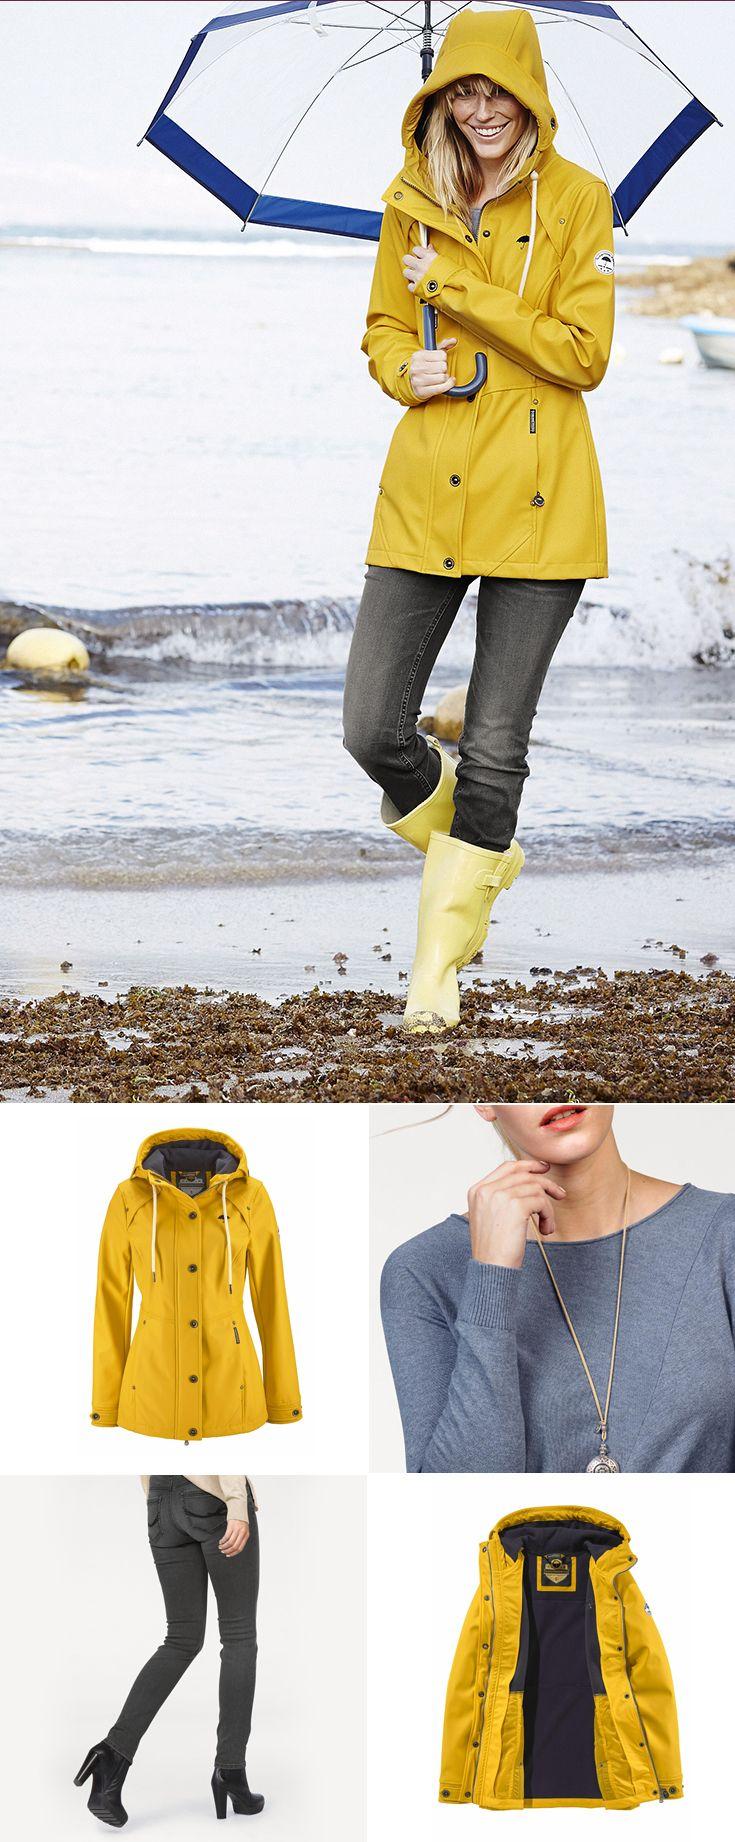 Wenn das Wetter schon schlecht ist, sollte zumindest die Laune gut sein. Mit dem strahlend gelben Anorak von Schmuddelwedda und Gummistiefeln ist das ganz einfach. Zusammen mit der Tom Tailor Jeans und dem Rundhalspullover entsteht ein praktischer Basic-Look, der dem Regen entgegenlacht